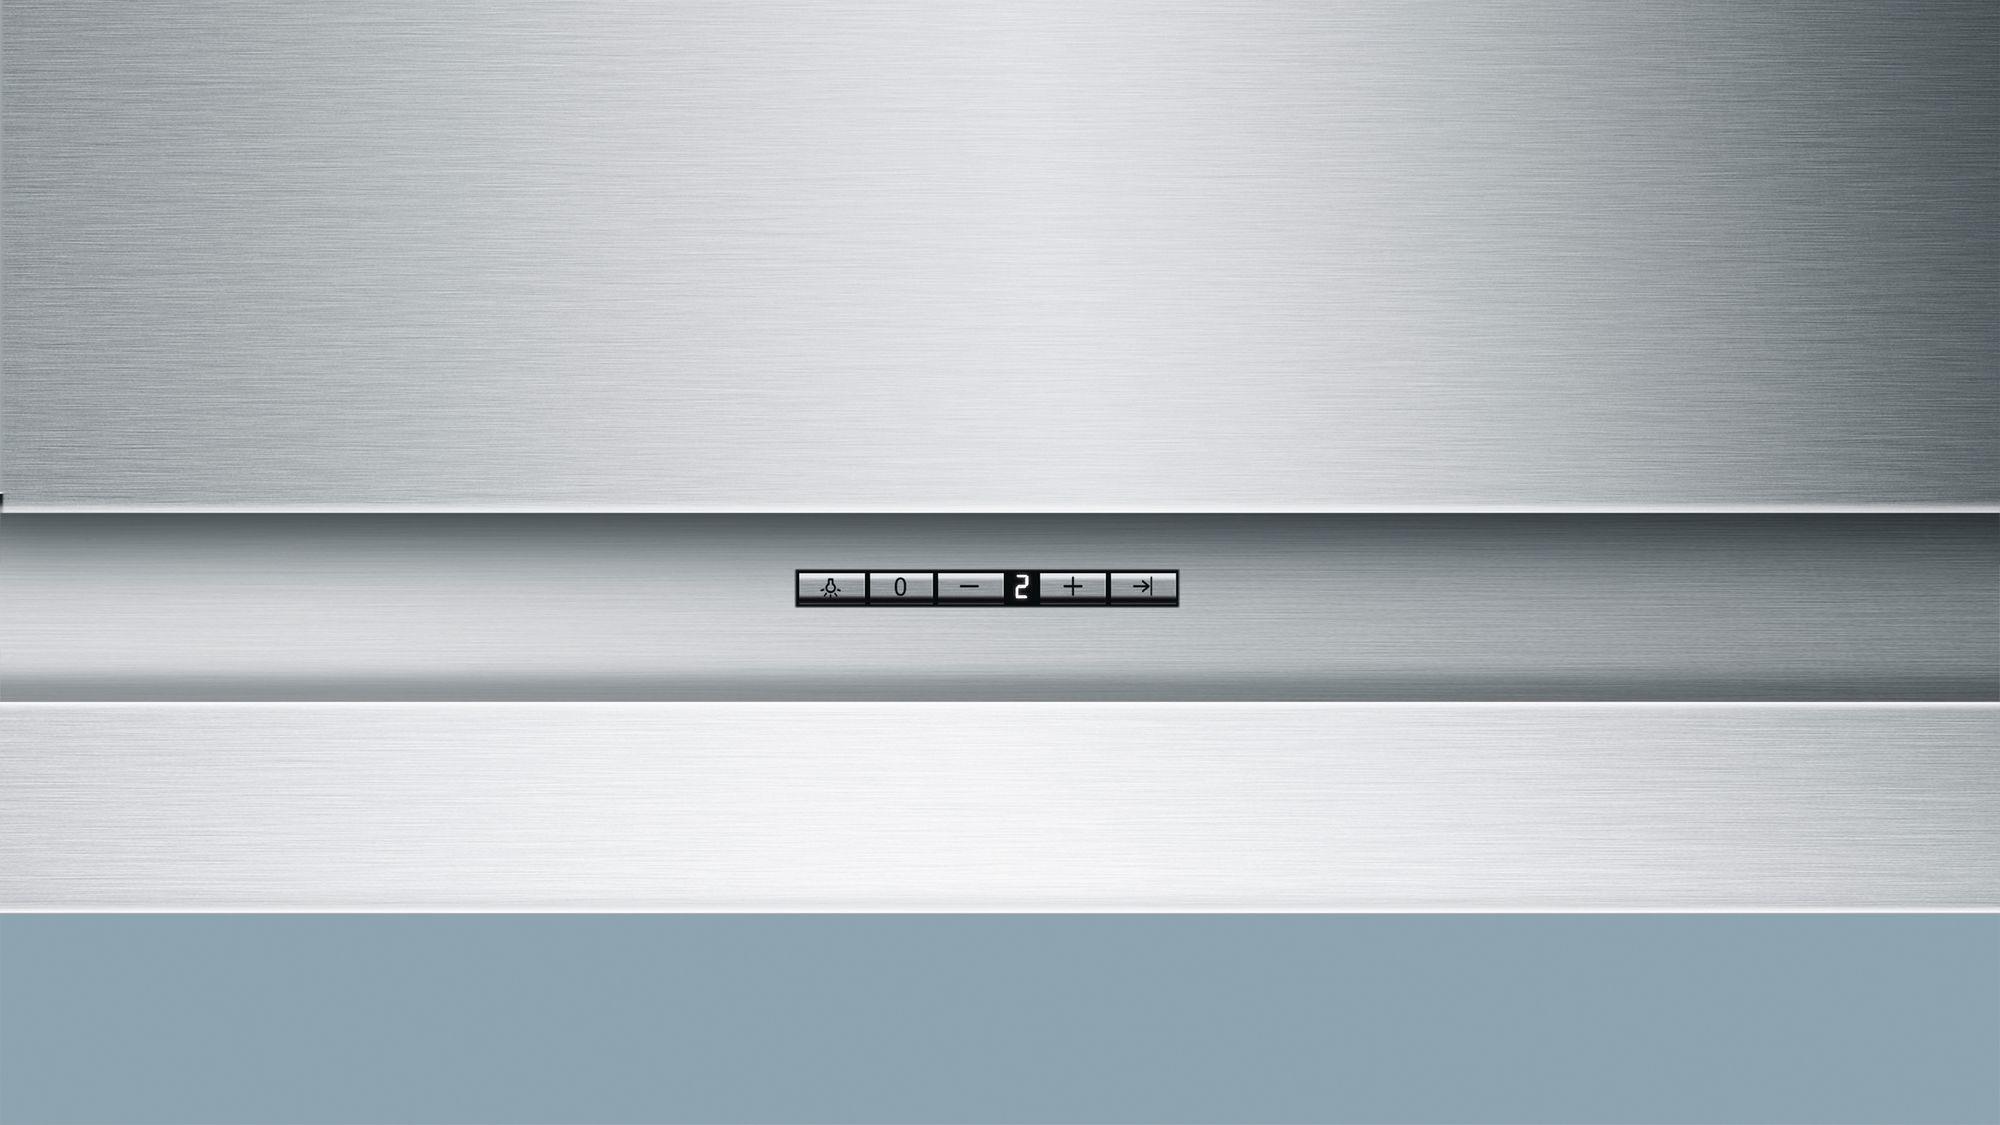 Siemens lf959rb51 iq700 deckenlüftung 90 cm breit ab & umluft